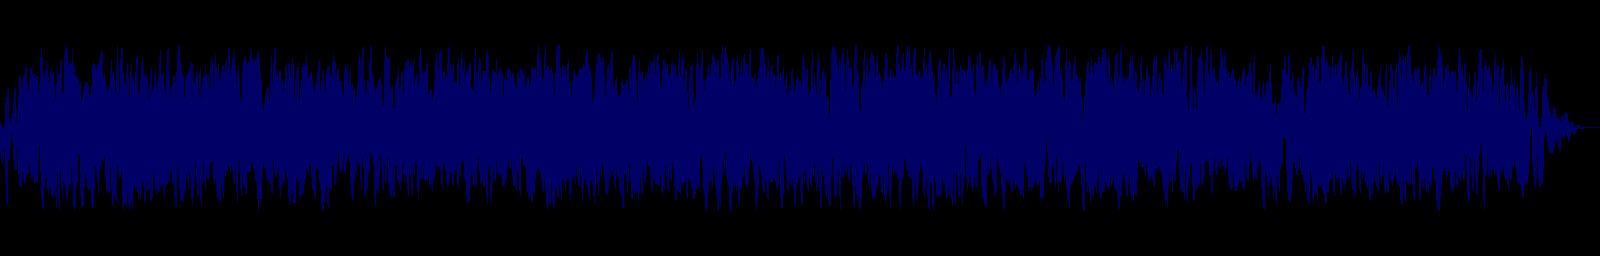 waveform of track #145577